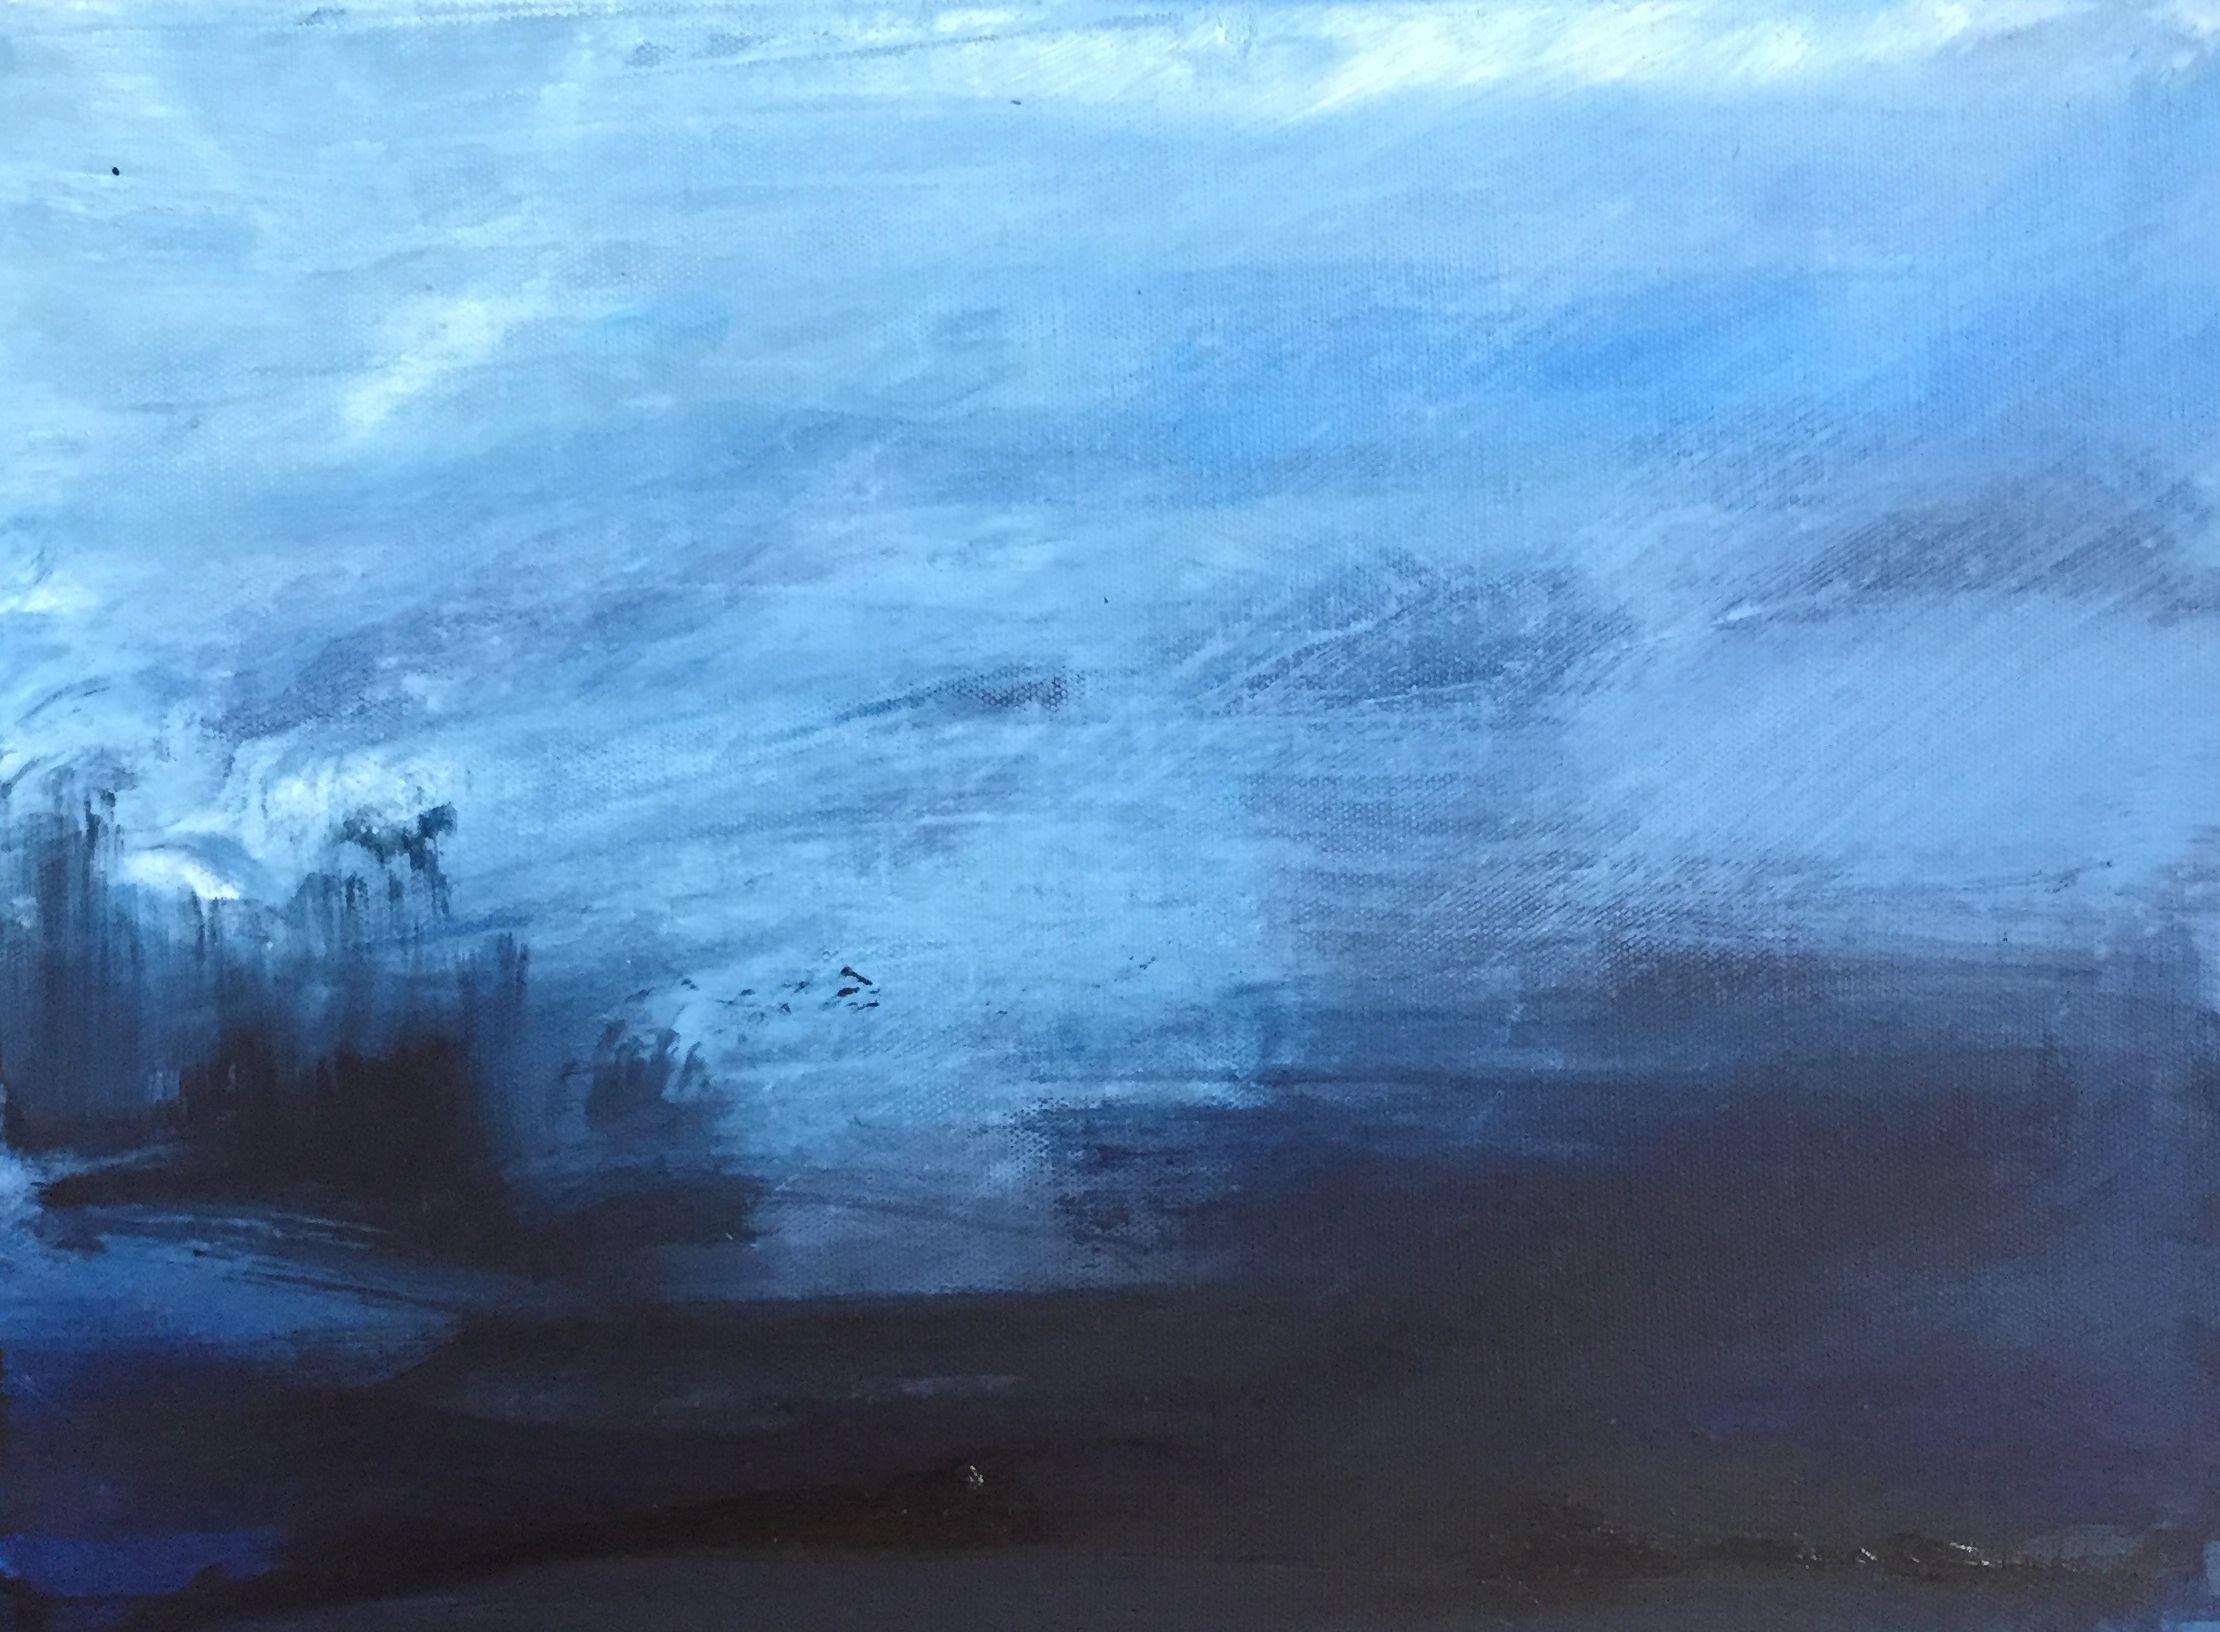 Skyline by Lily Rigby